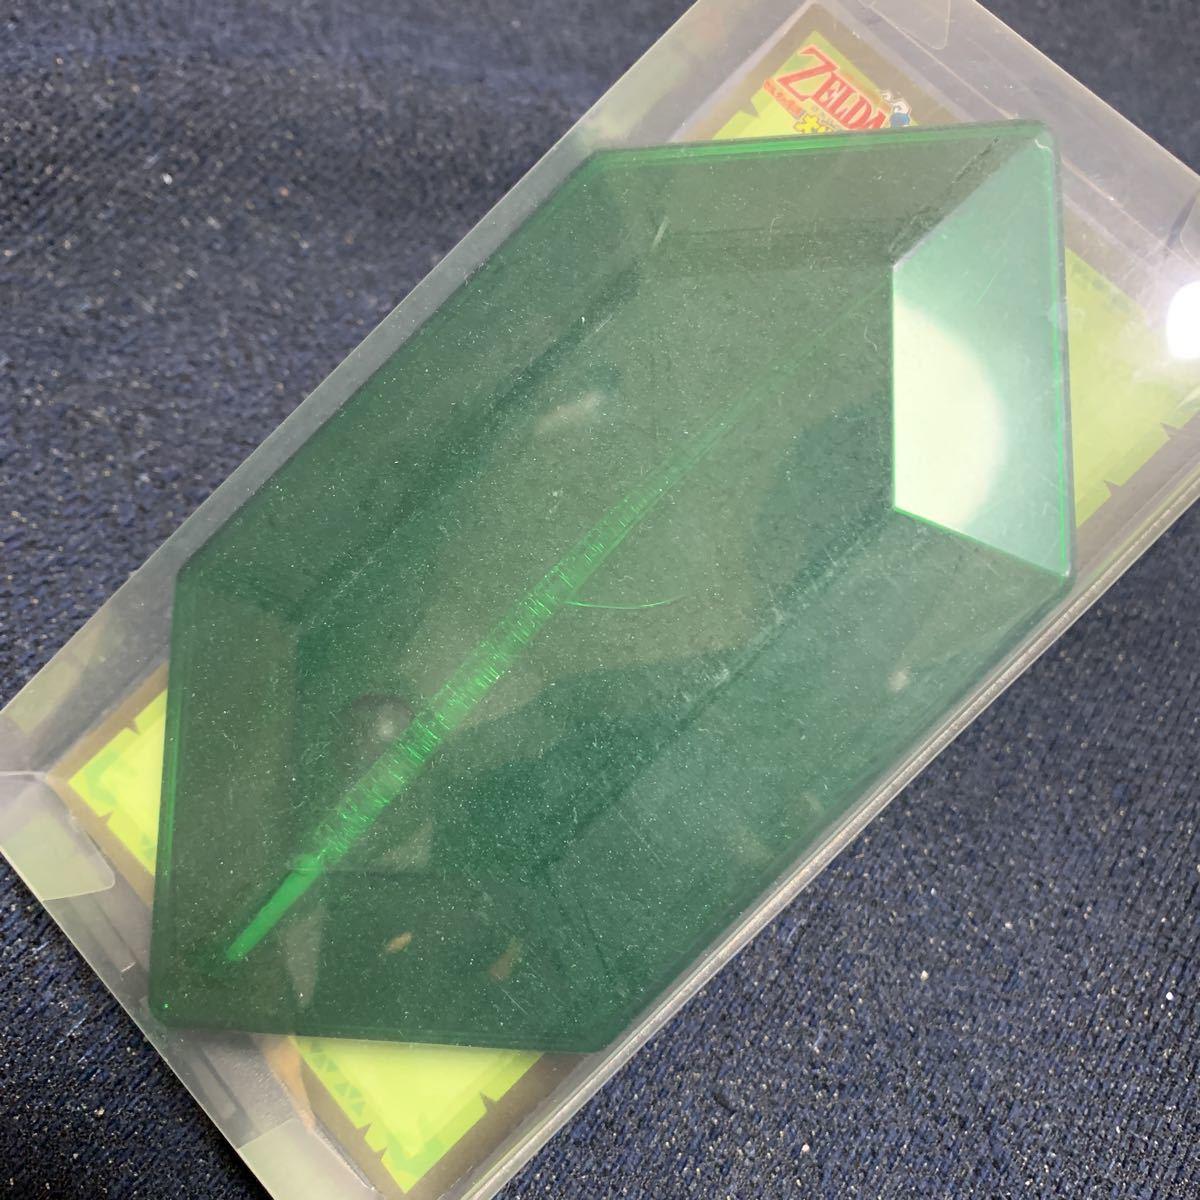 ゼルダの伝説 羽根ペン型 オリジナル透明タッチペン 大地の汽笛 ニンテンドーDS 任天堂 ルピー 型ケース入り_画像4